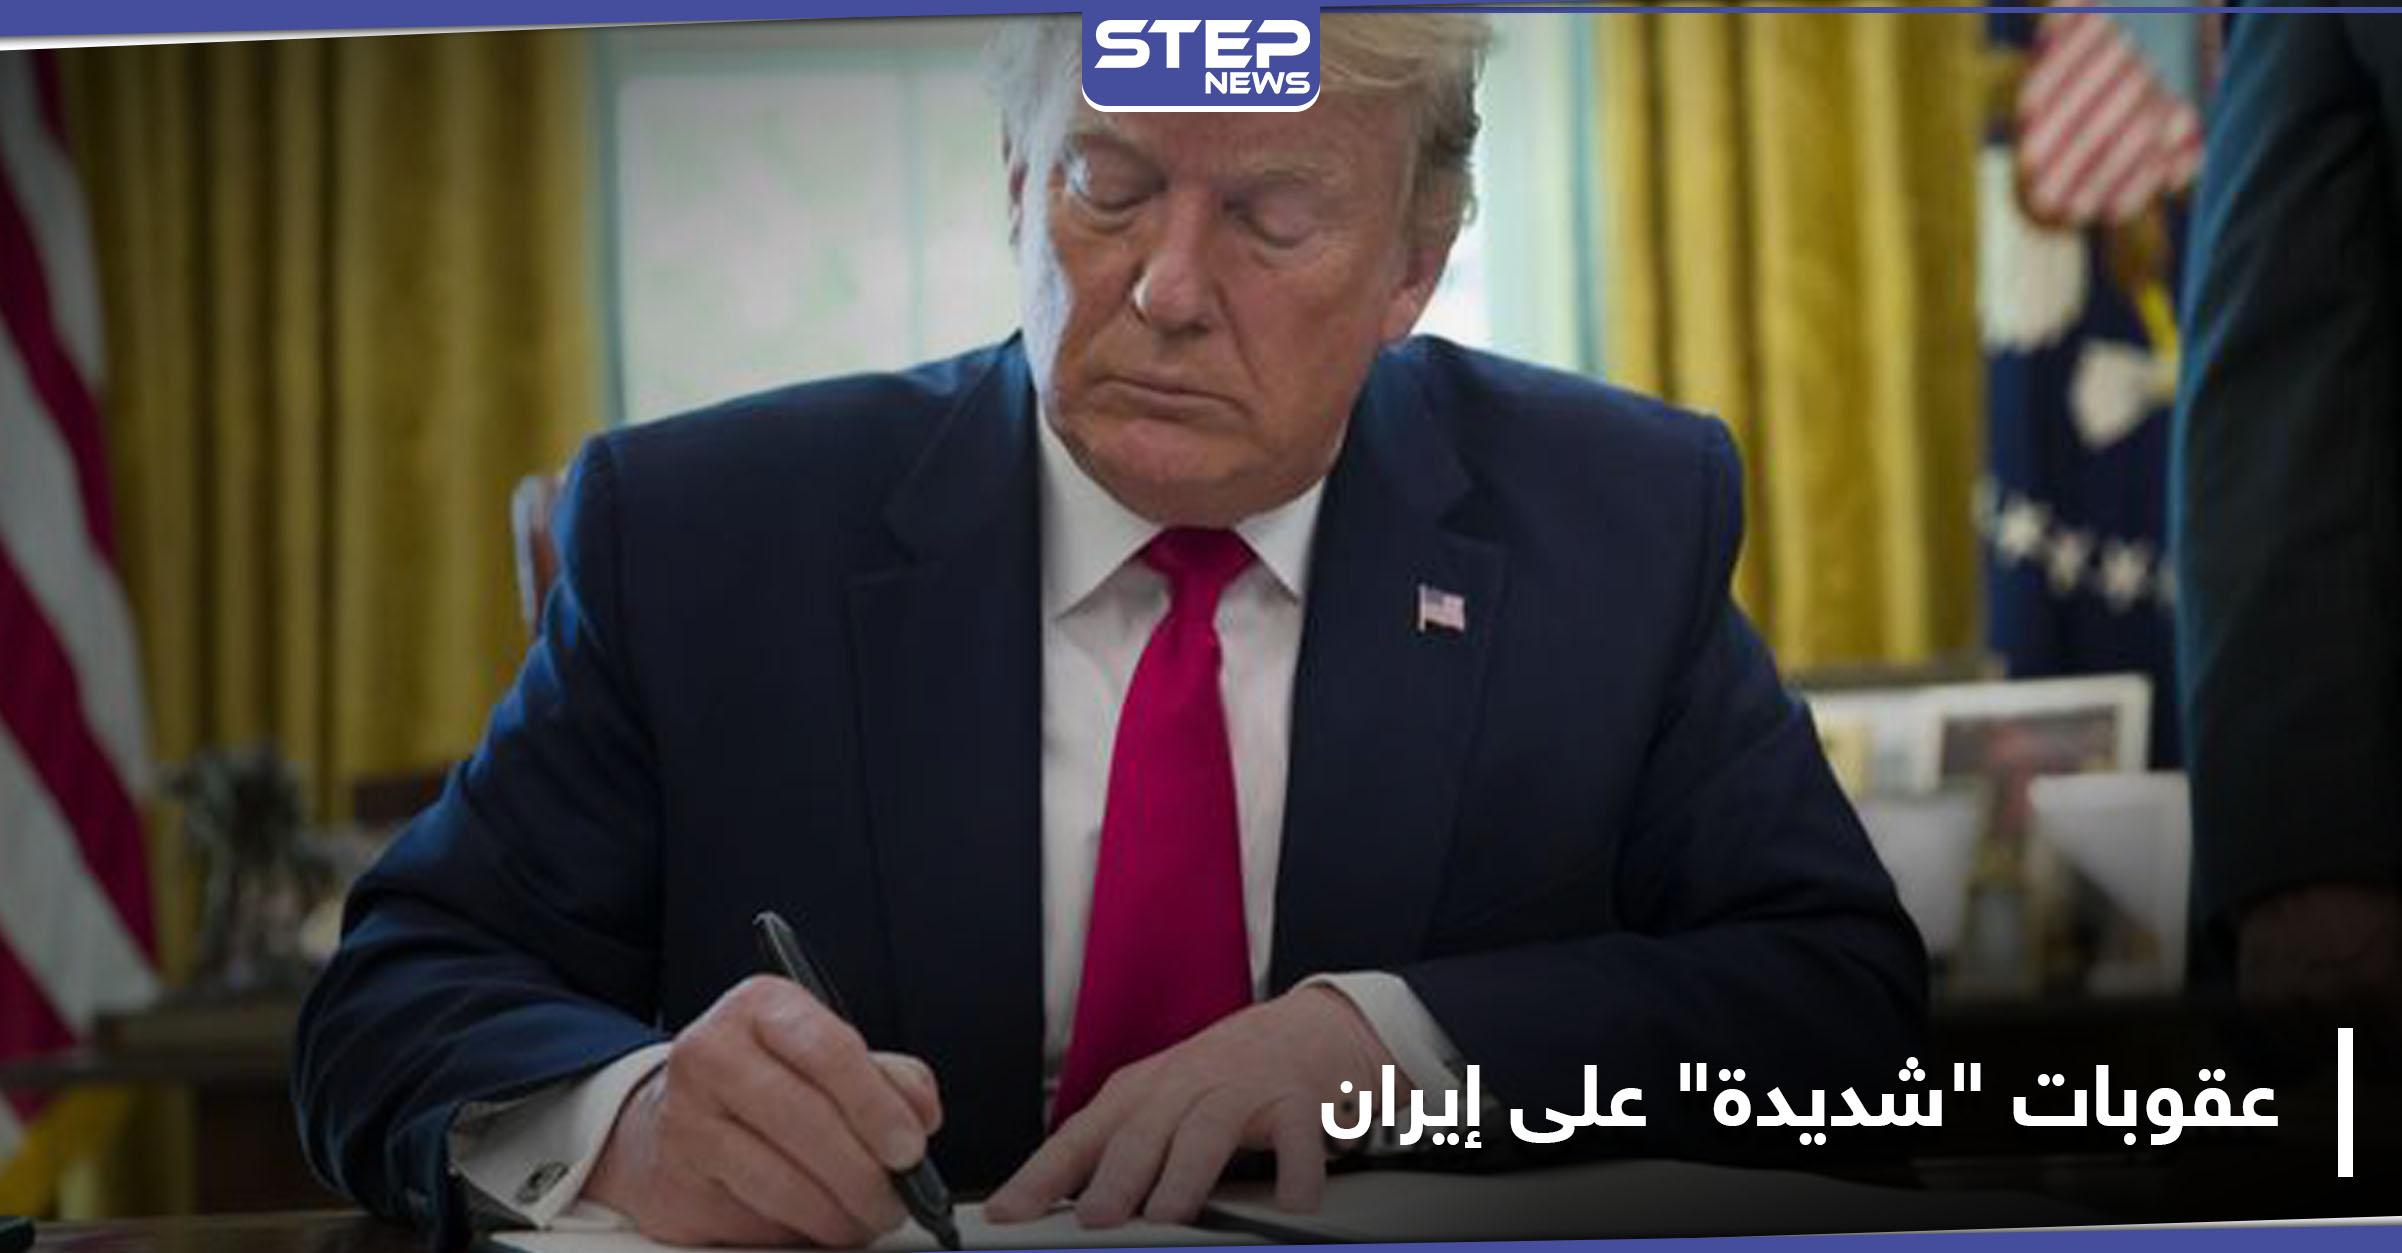 """عقوبات اقتصادية """"شديدة"""" على كيانات وشخصيات مرتبطة بإيران"""